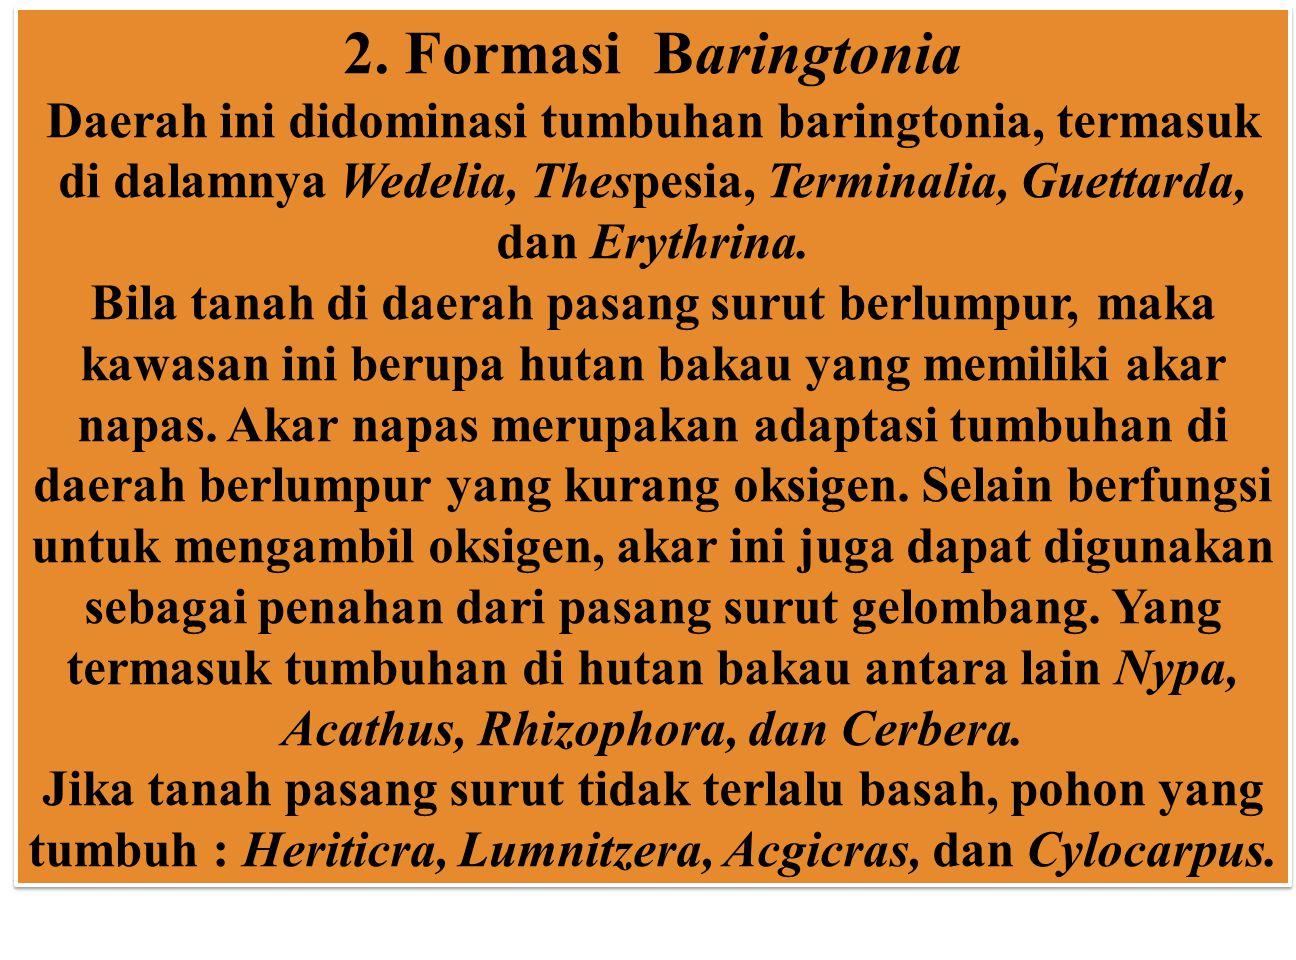 2. Formasi Baringtonia Daerah ini didominasi tumbuhan baringtonia, termasuk di dalamnya Wedelia, Thespesia, Terminalia, Guettarda, dan Erythrina.